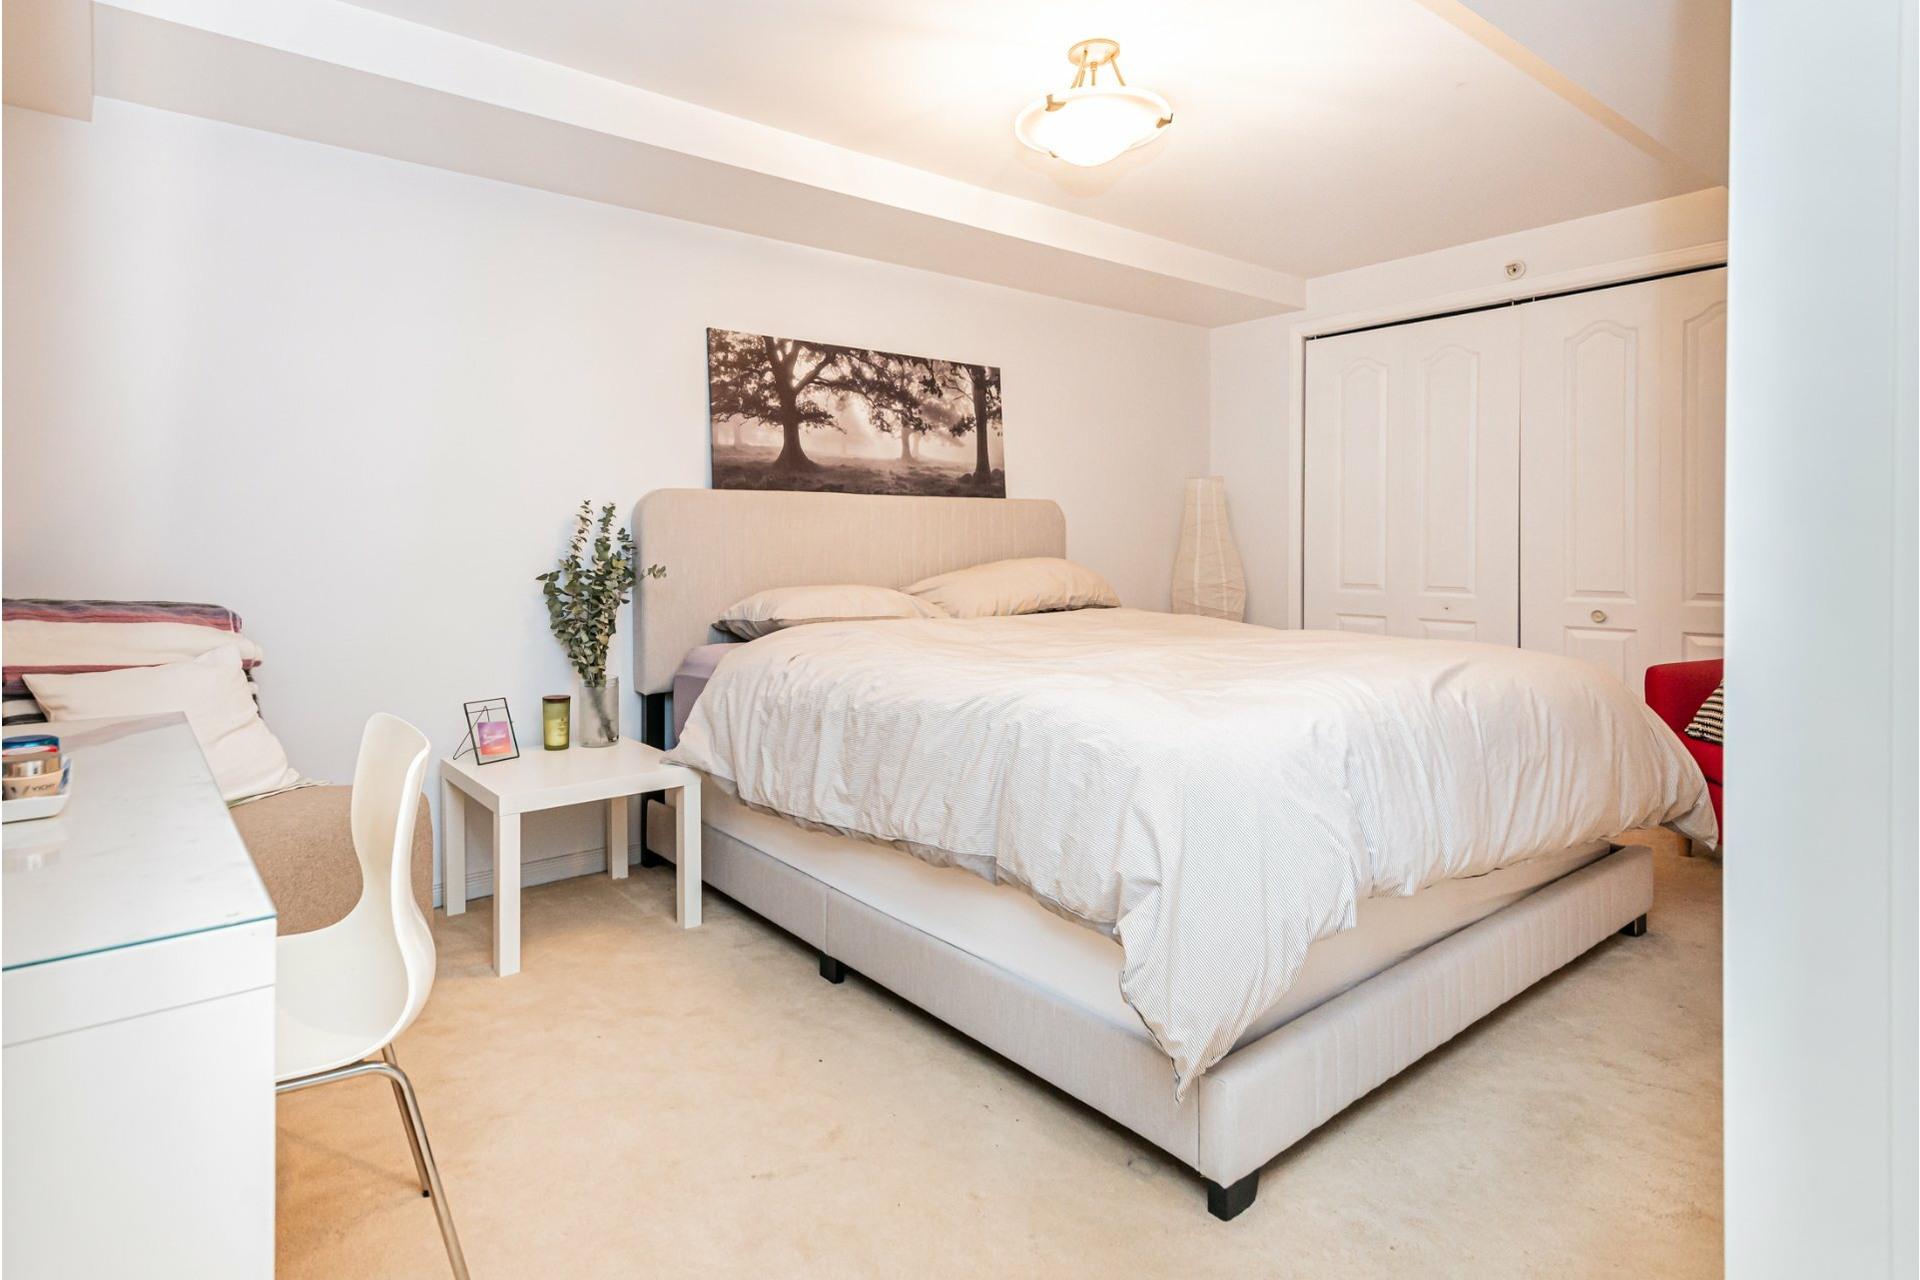 image 9 - Apartment For sale Lachine Montréal  - 5 rooms